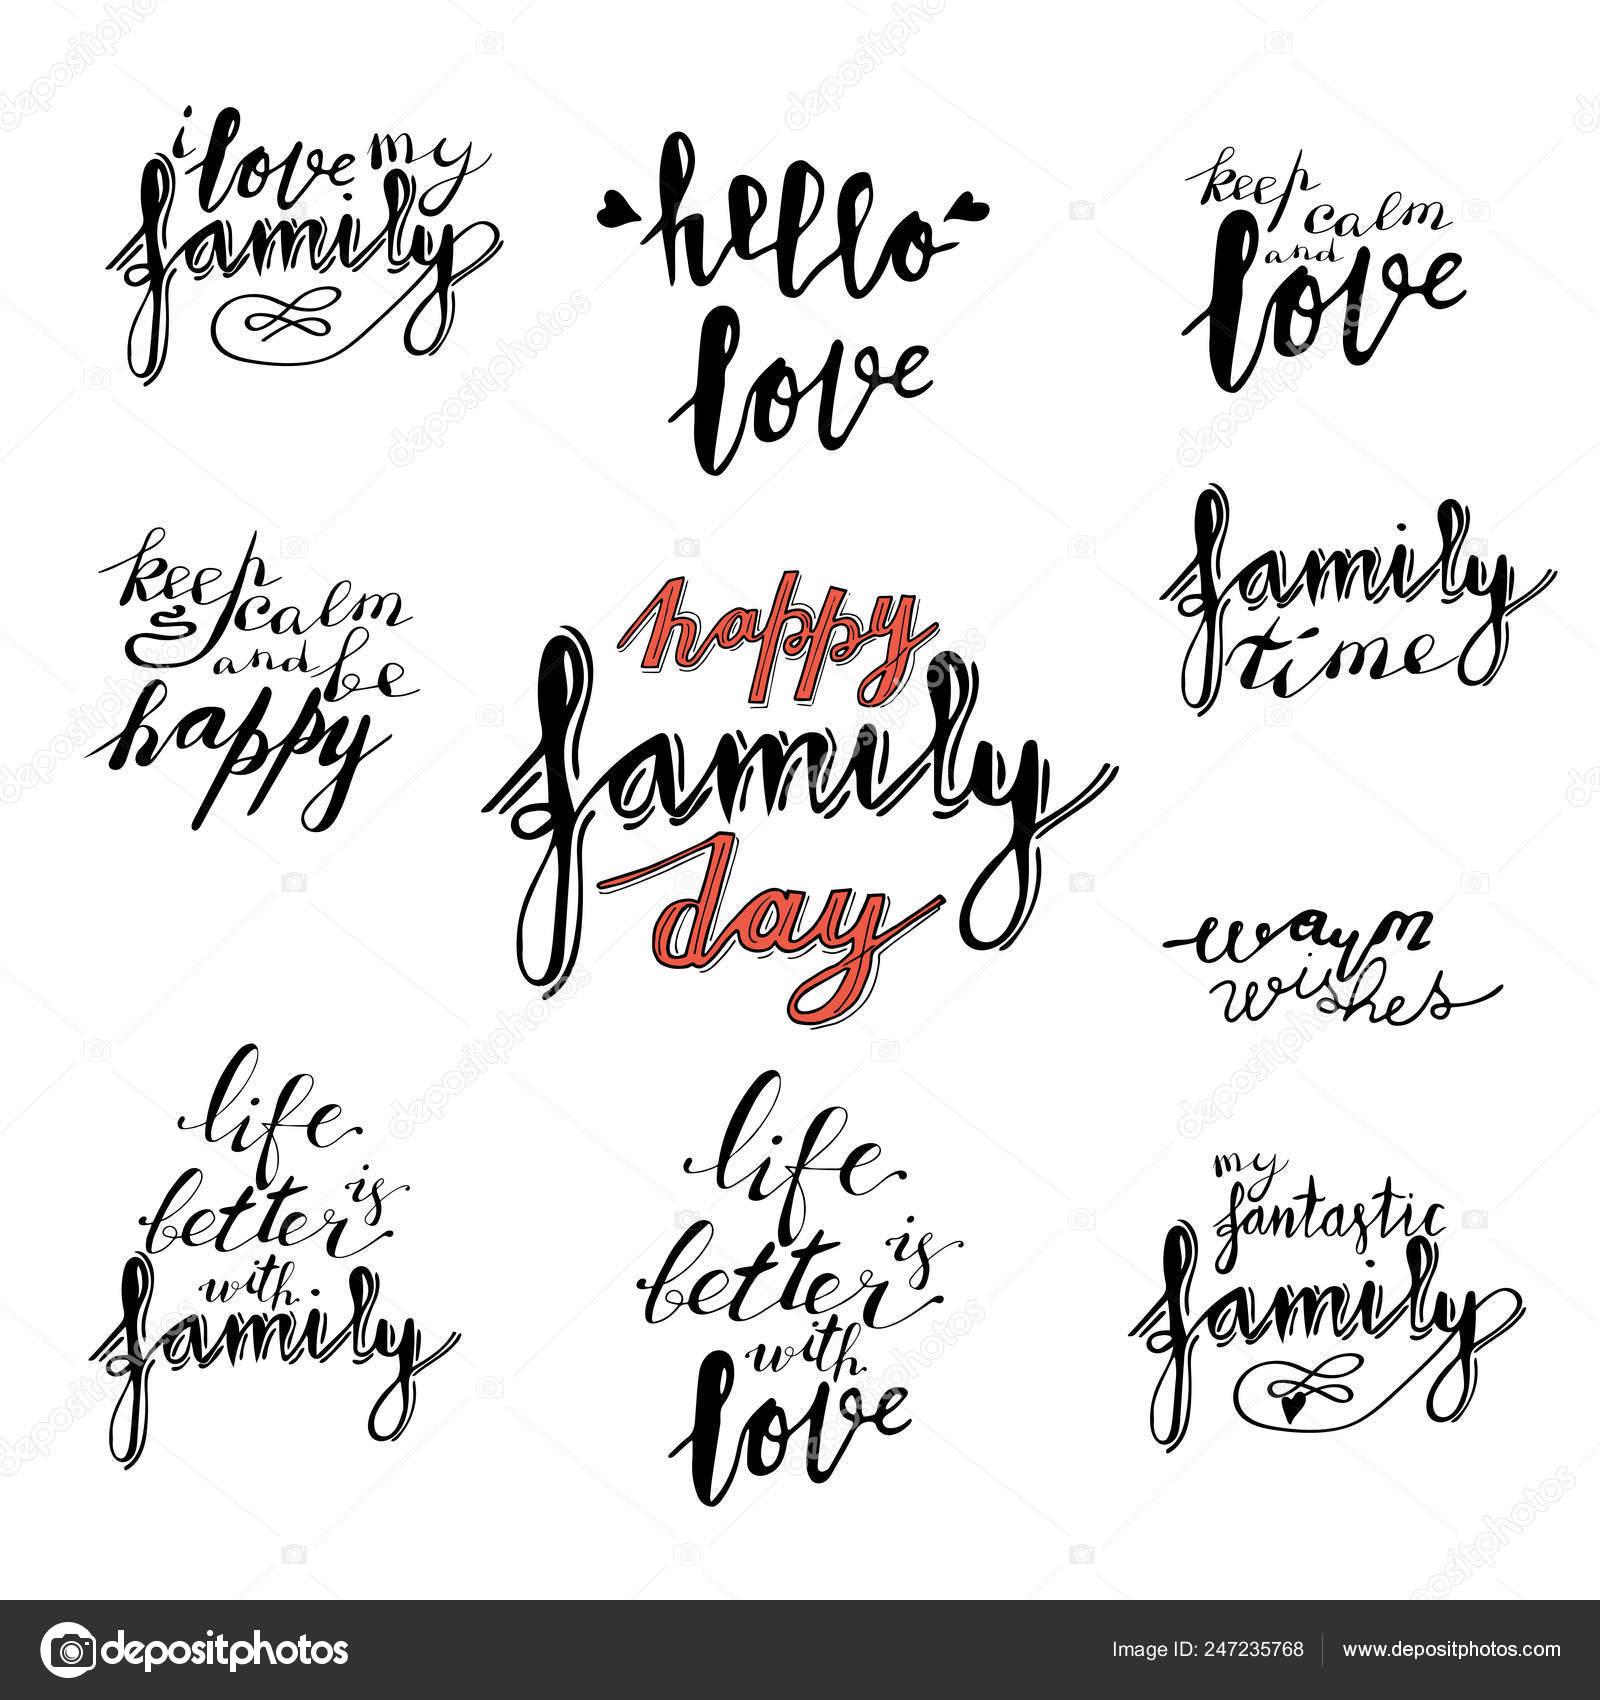 Deseos Mano Letras Frases Colección Familia Tiempo Caliente